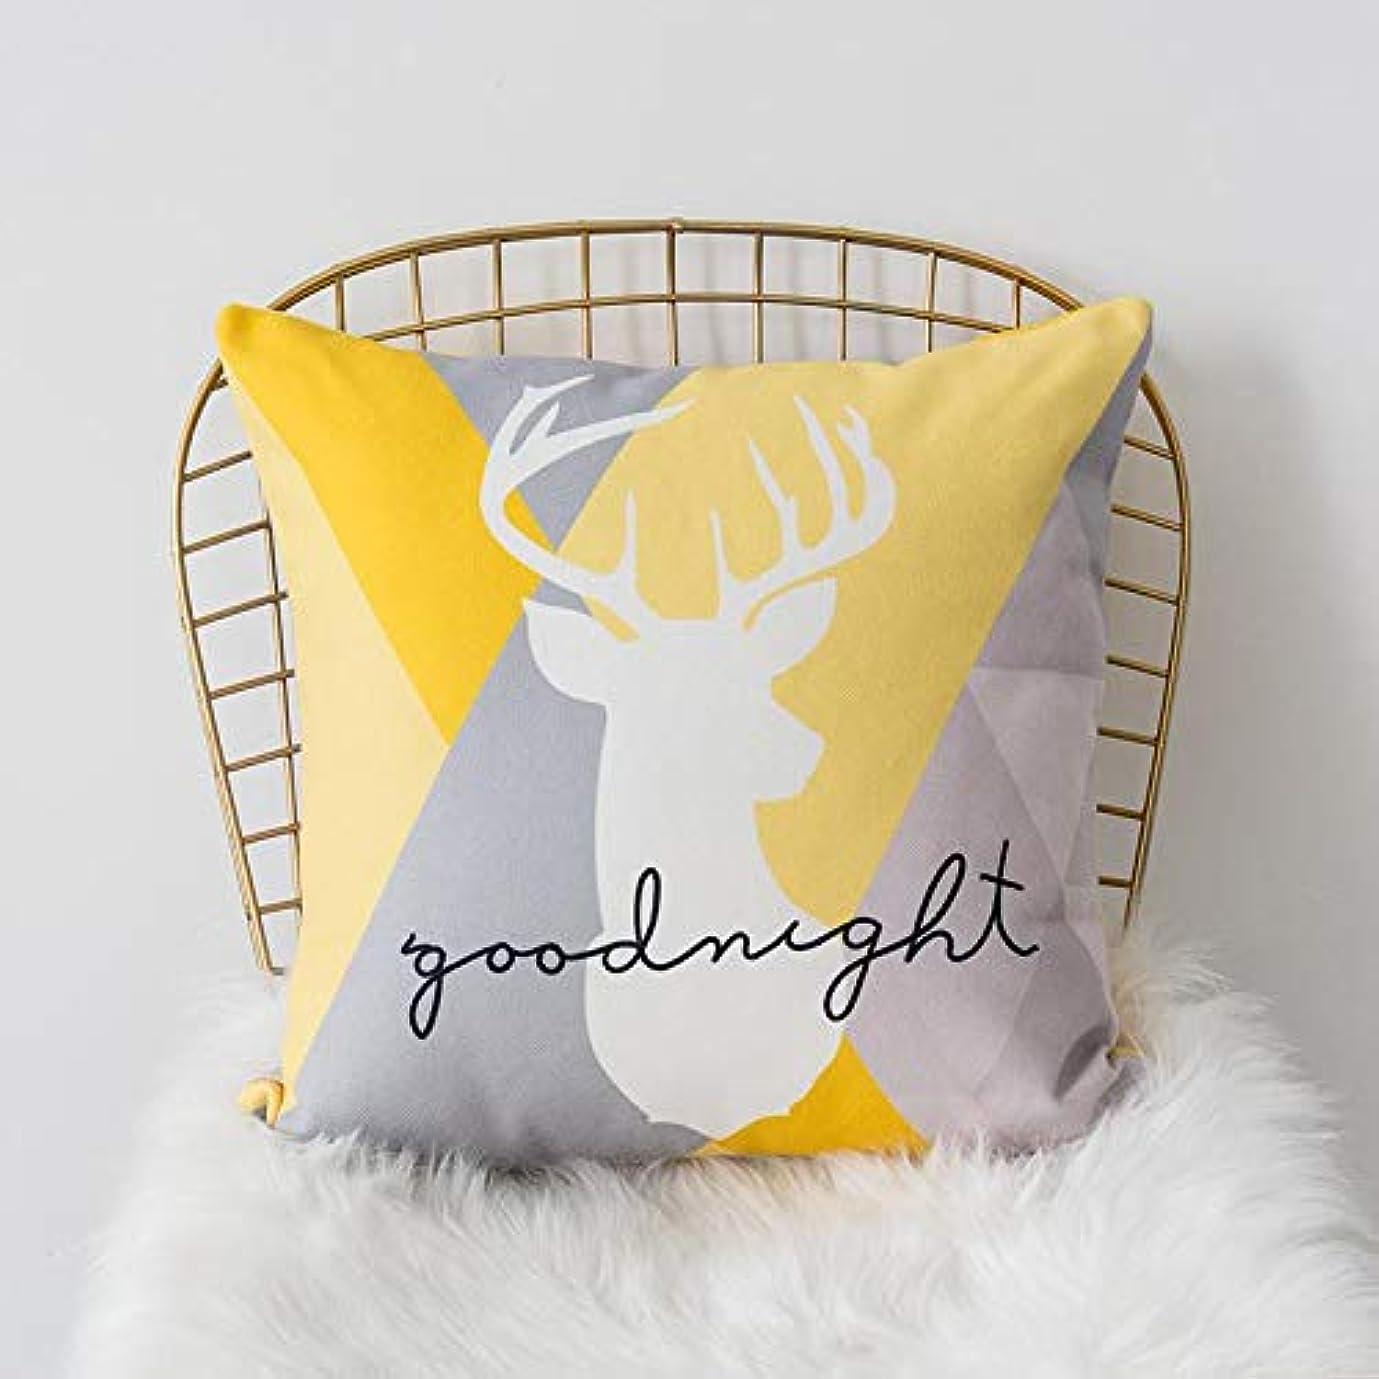 後ろ、背後、背面(部予感バレエSMART 黄色グレー枕北欧スタイル黄色ヘラジカ幾何枕リビングルームのインテリアソファクッション Cojines 装飾良質 クッション 椅子